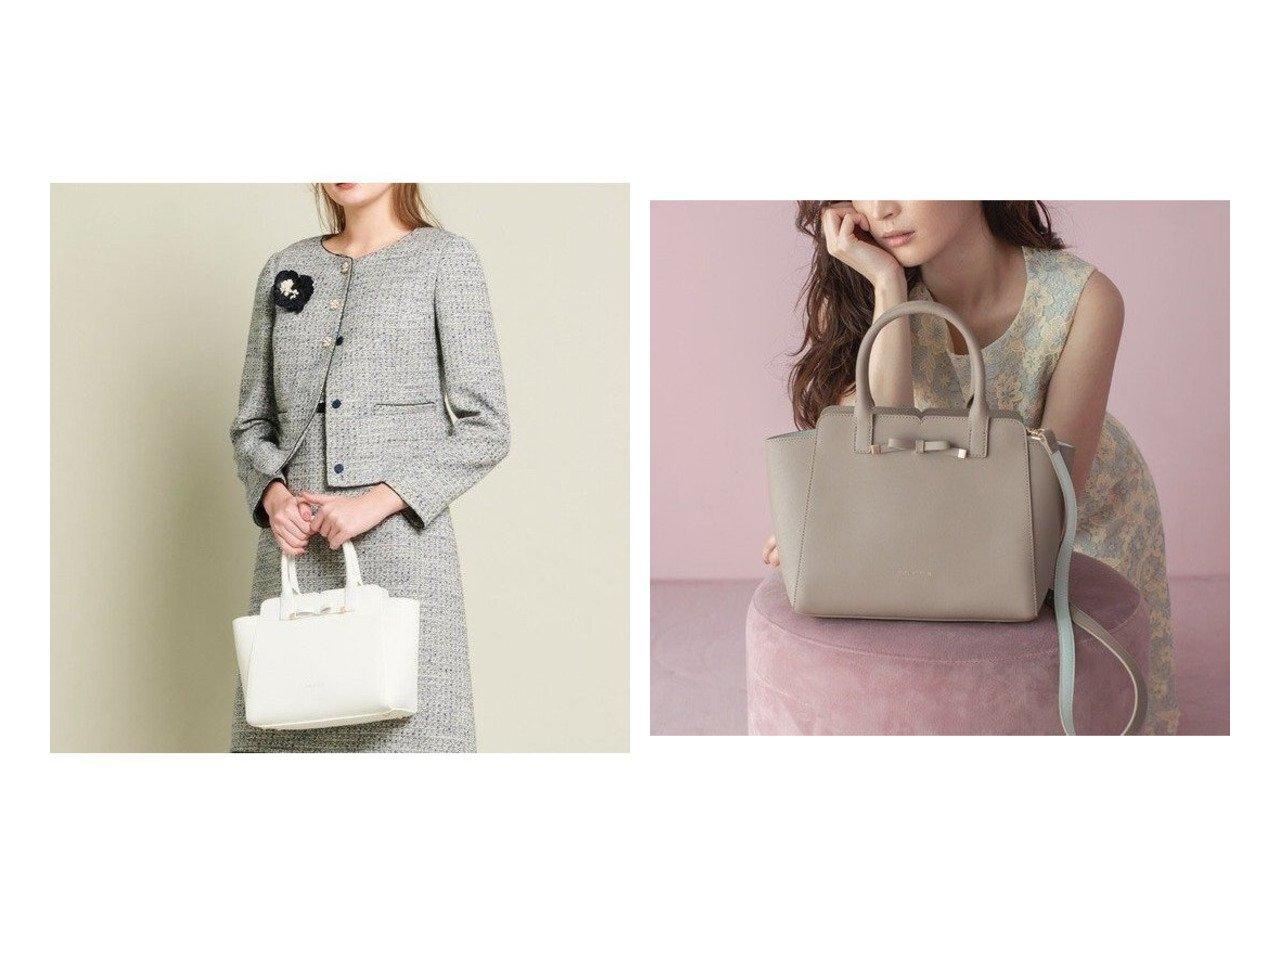 【TOCCA/トッカ】のTINY RIBBON LEATHER BAG レザーバッグ バッグのおすすめ!人気、レディースファッションの通販 おすすめで人気のファッション通販商品 インテリア・家具・キッズファッション・メンズファッション・レディースファッション・服の通販 founy(ファニー) https://founy.com/ ファッション Fashion レディース WOMEN バッグ Bag ショルダー シンプル フォーマル リボン |ID:crp329100000003061